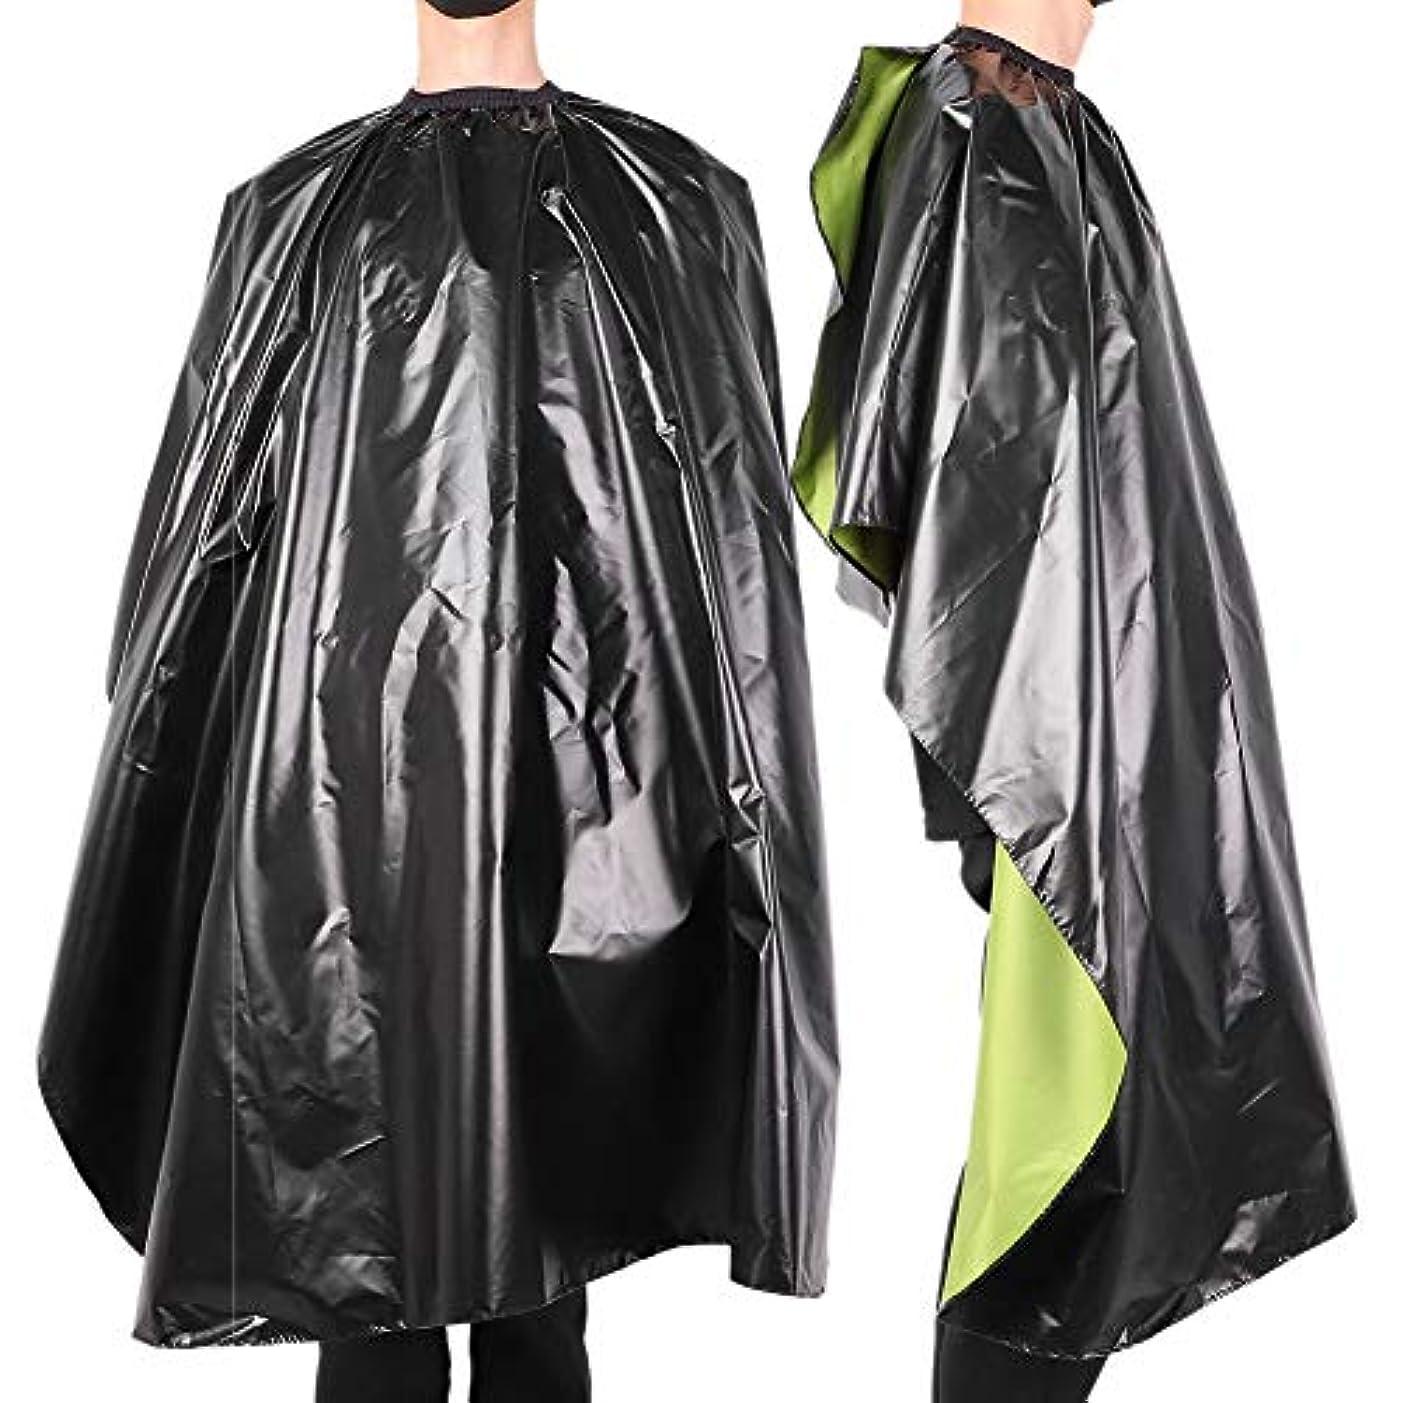 責マークダウン不格好防水 調節可能 サロン 散髪 ヘアスタイリングケープガウン 大人の理髪バーバーラップエプロン-ヘアカット、染色、パーマ、カラーリング、看護に最適